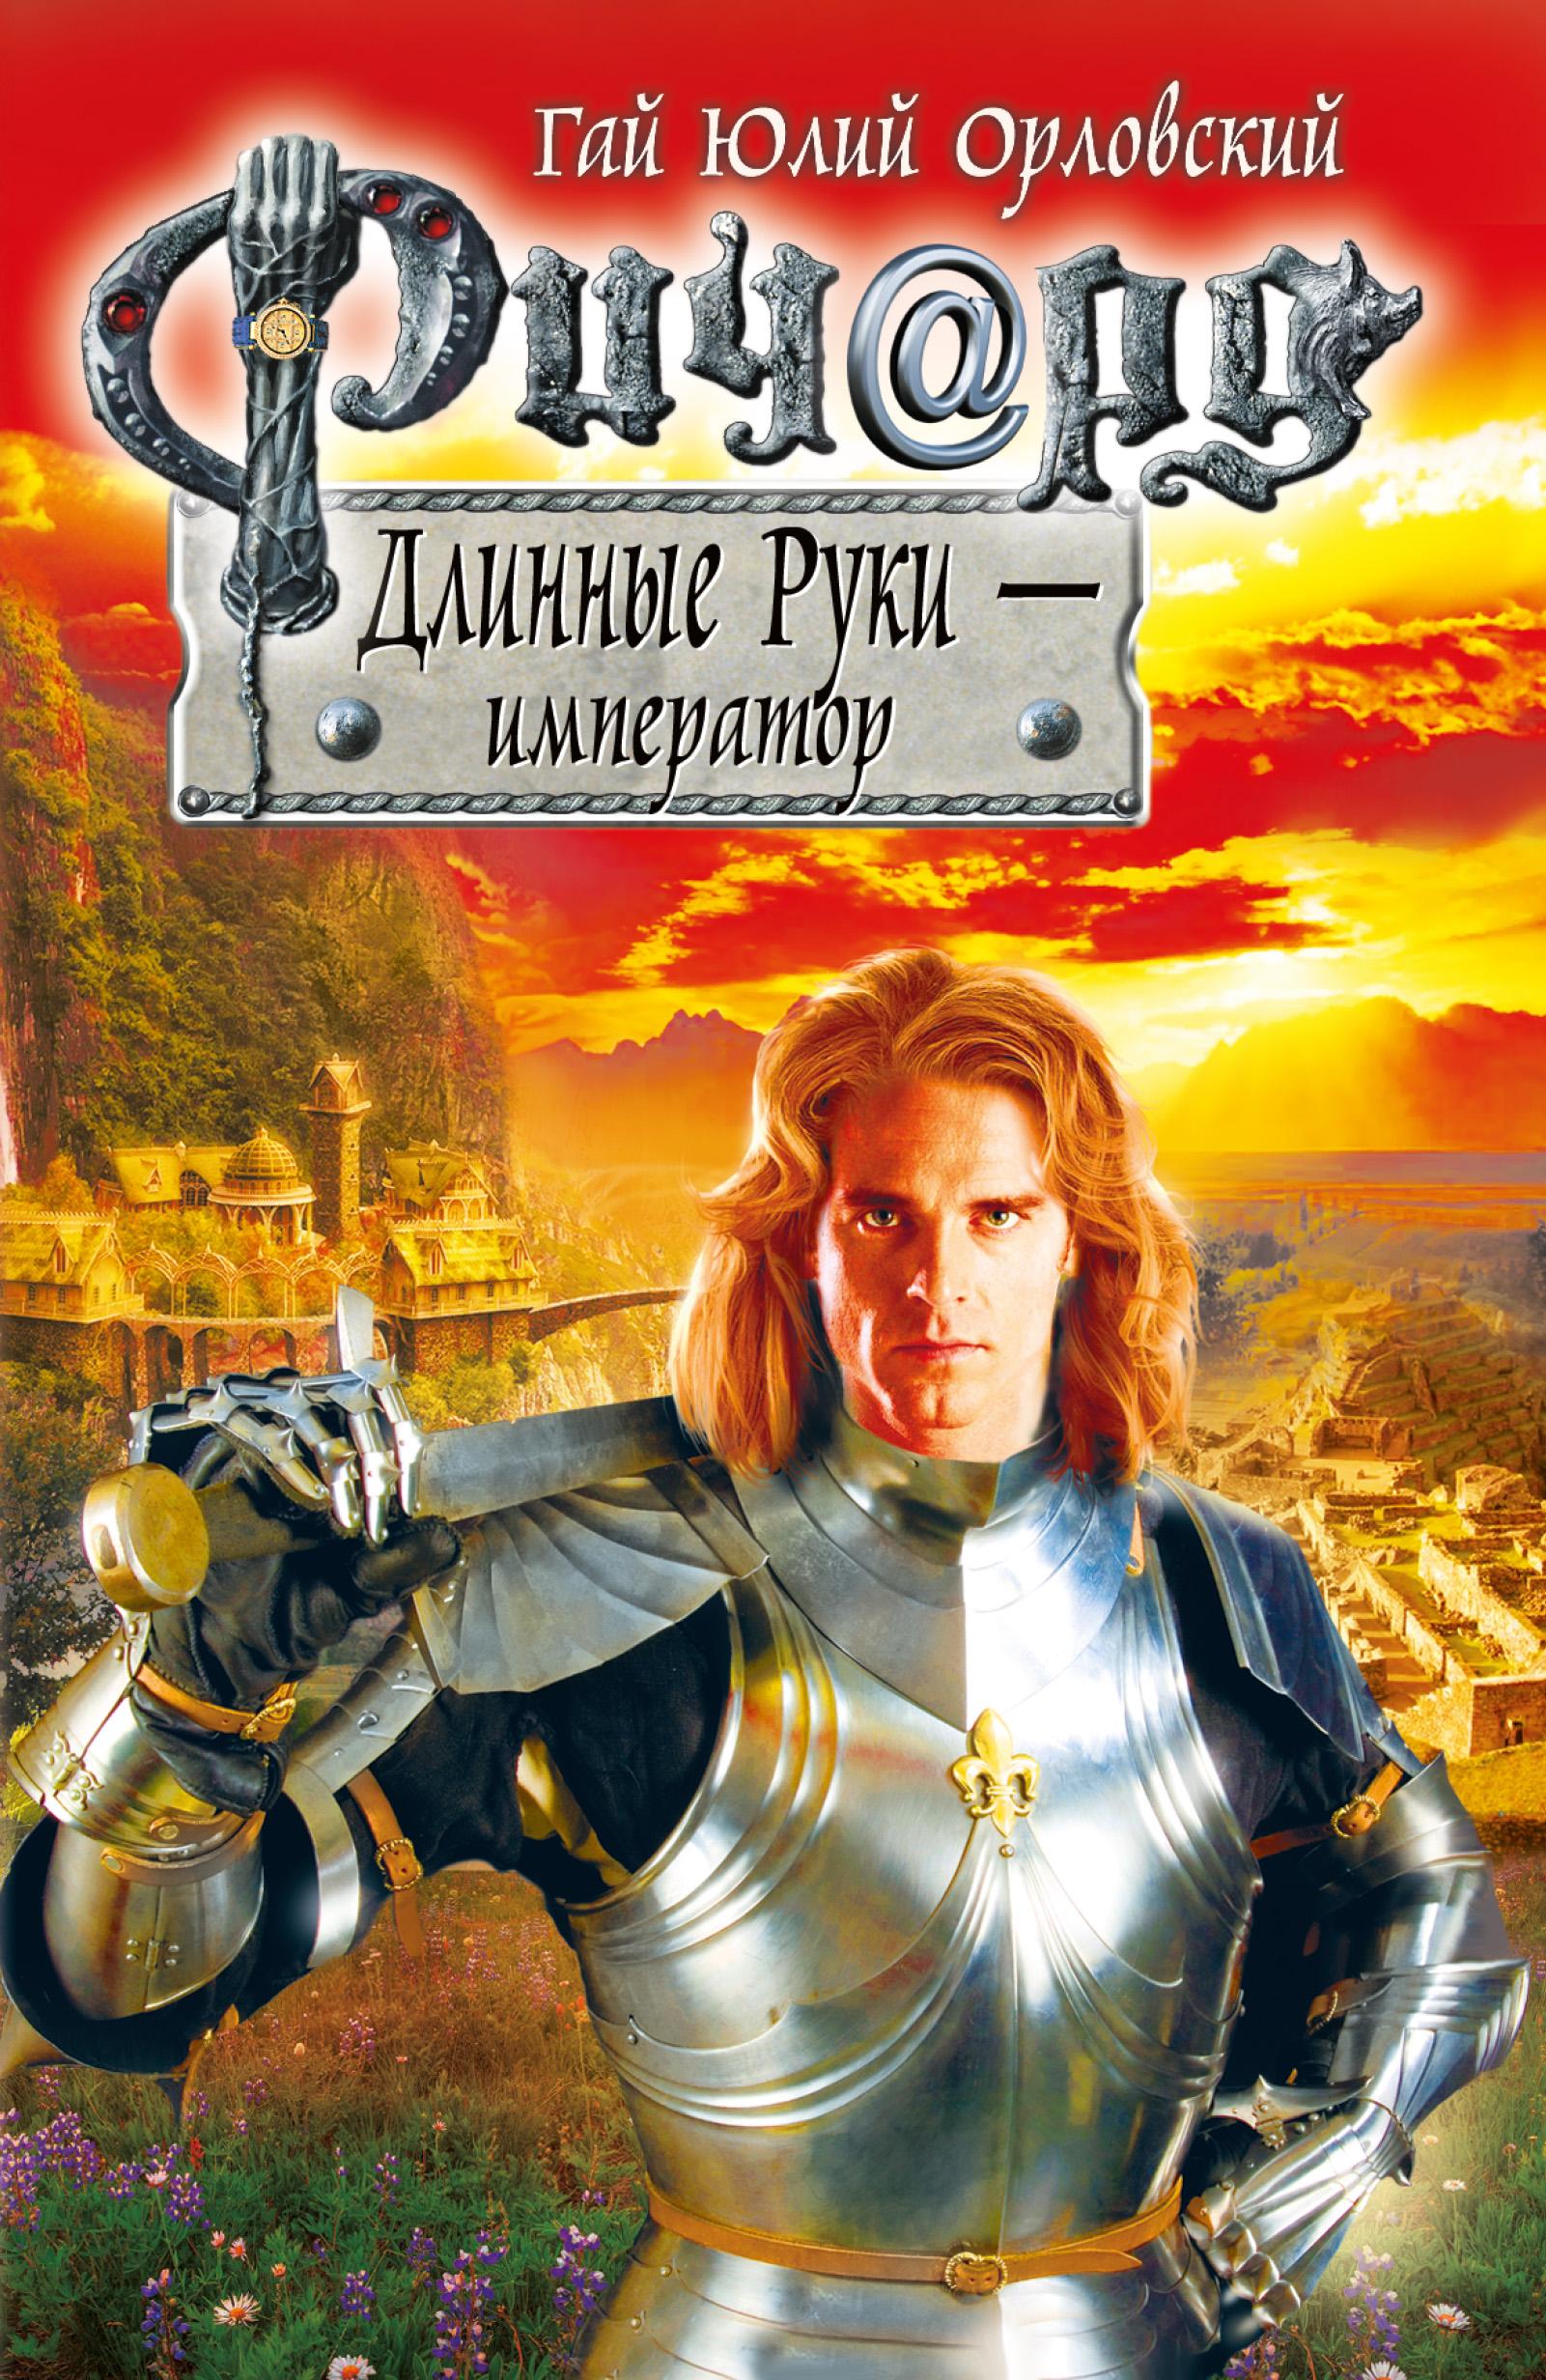 купить Гай Юлий Орловский Ричард Длинные Руки – император по цене 169 рублей